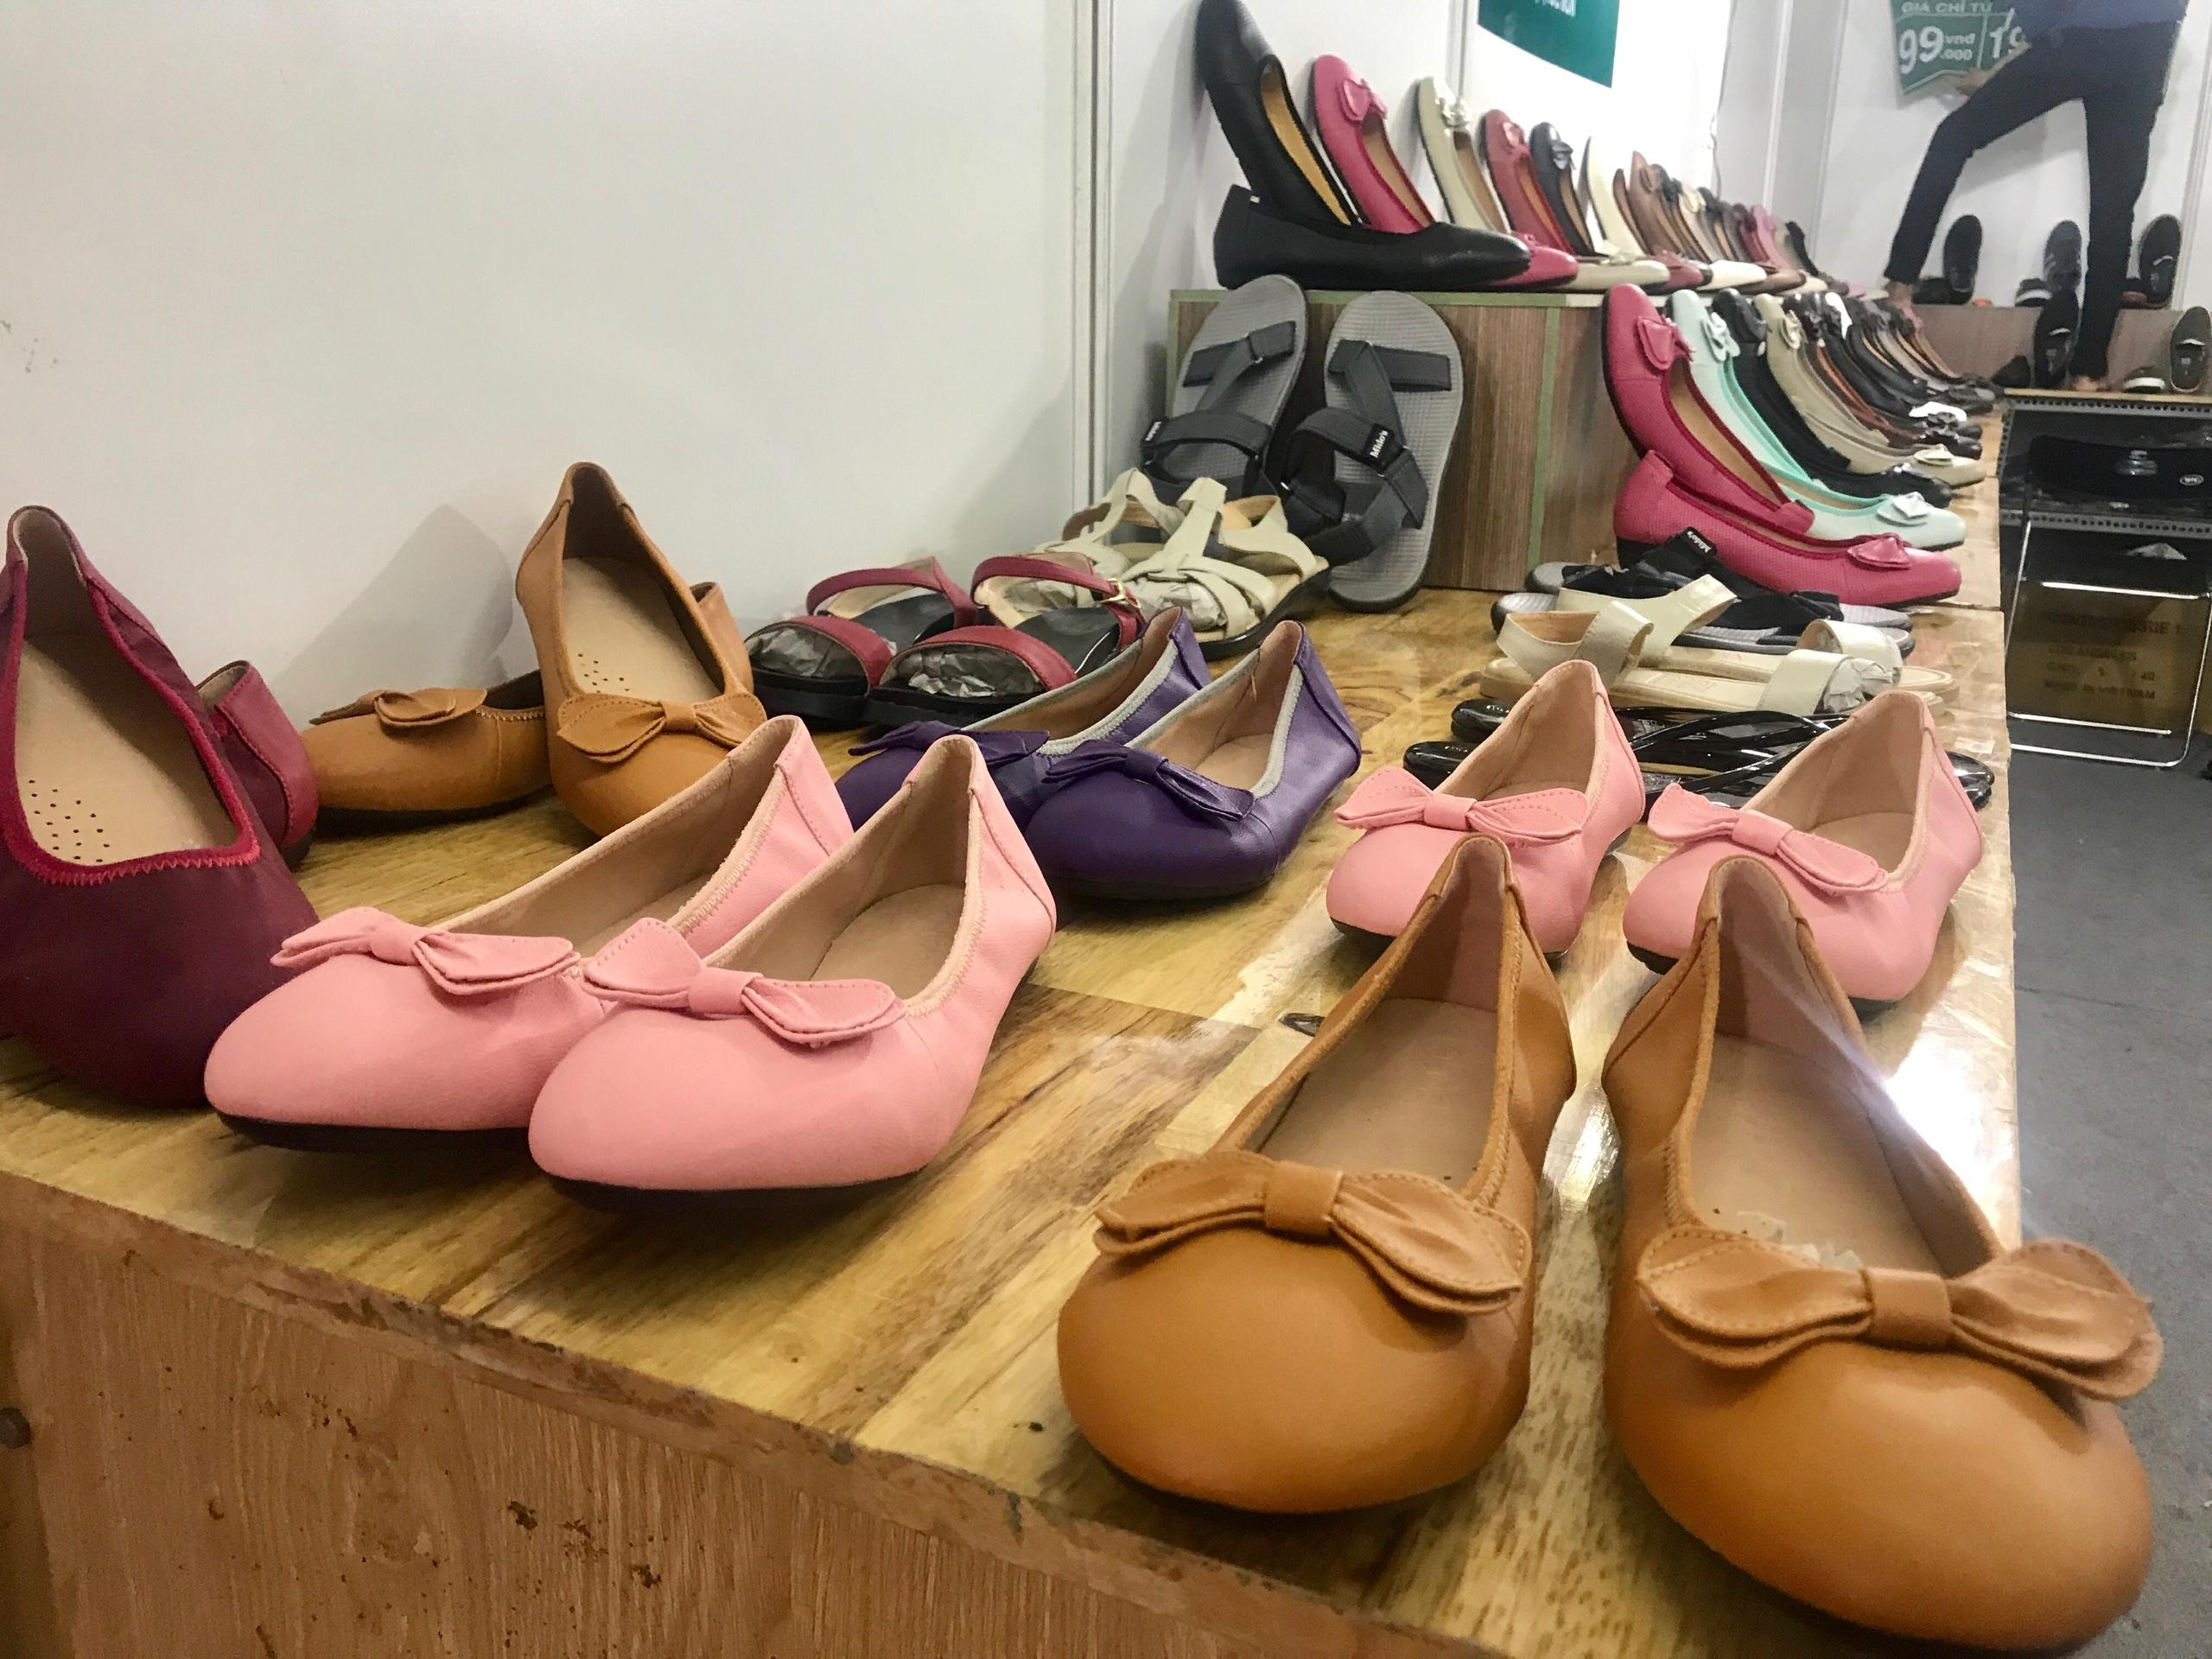 Xuất khẩu dệt may, da giày, gỗ kì vọng tái khởi động trong 6 tháng cuối năm - Ảnh 1.